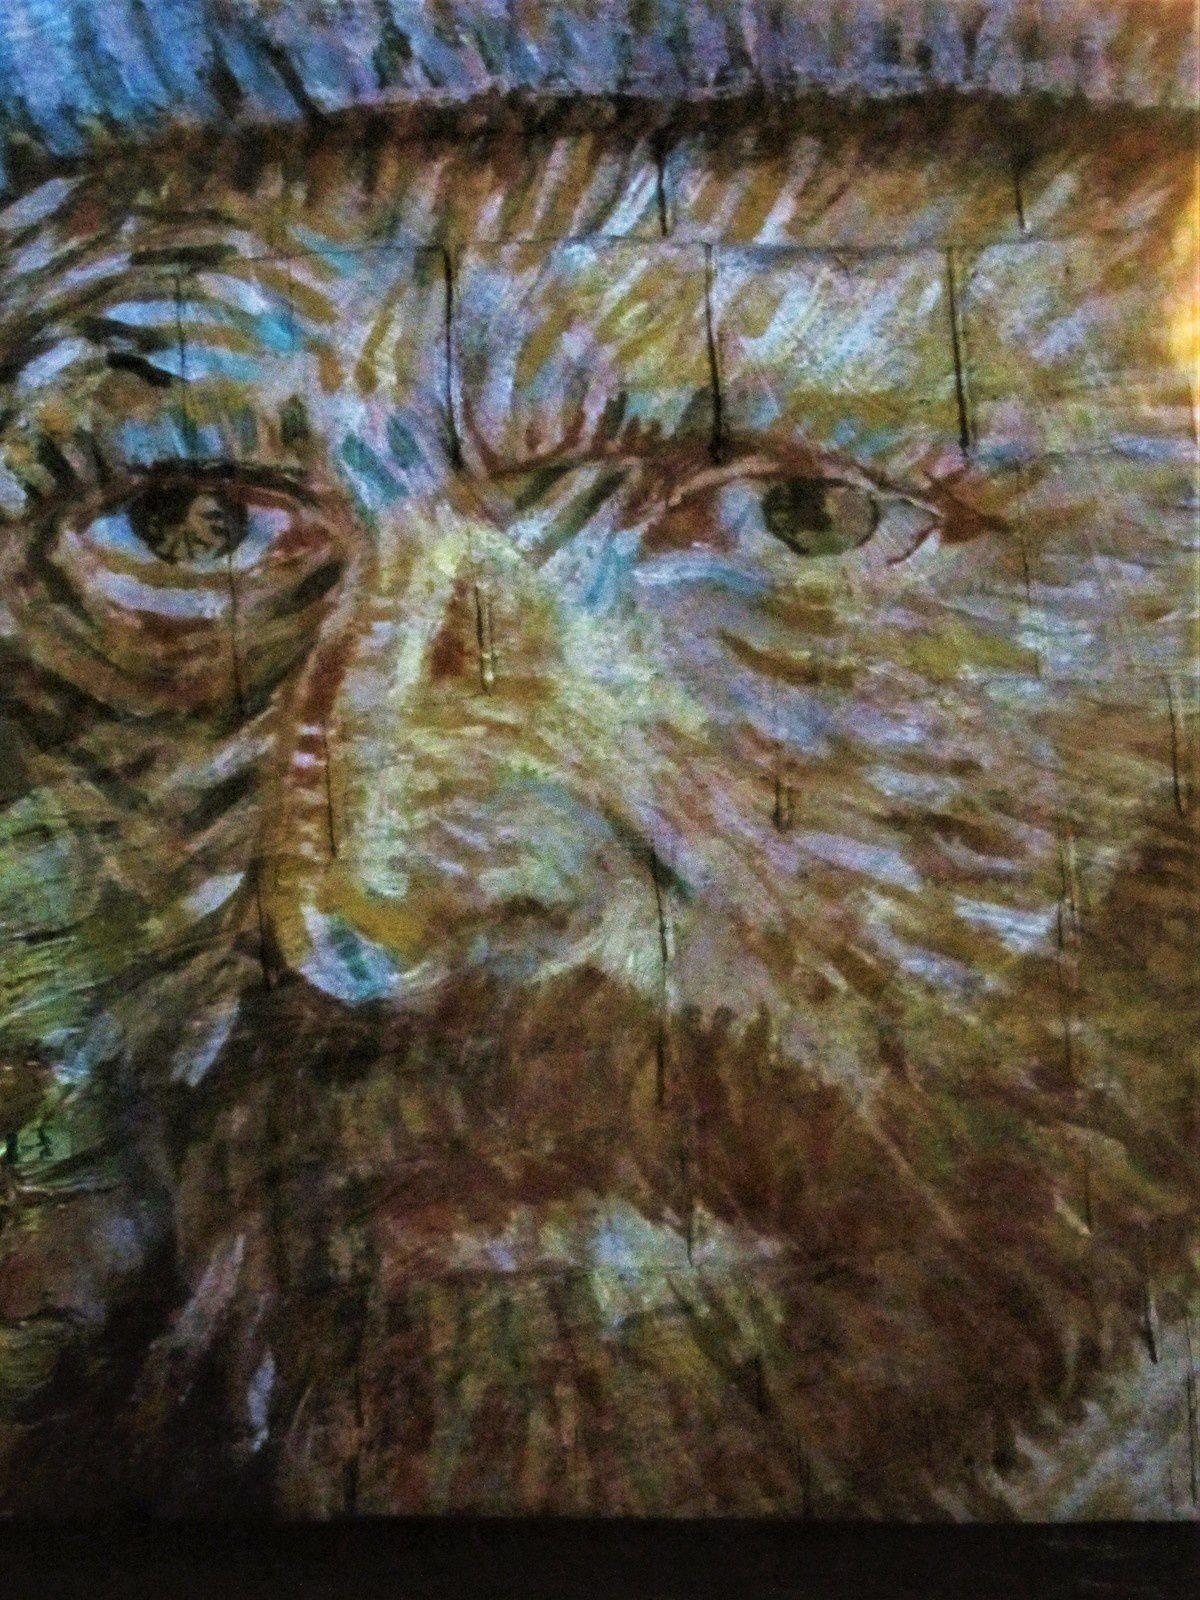 Un regard célèbre .... celui de Van Gogh, rencontré aux Baux de Provence.